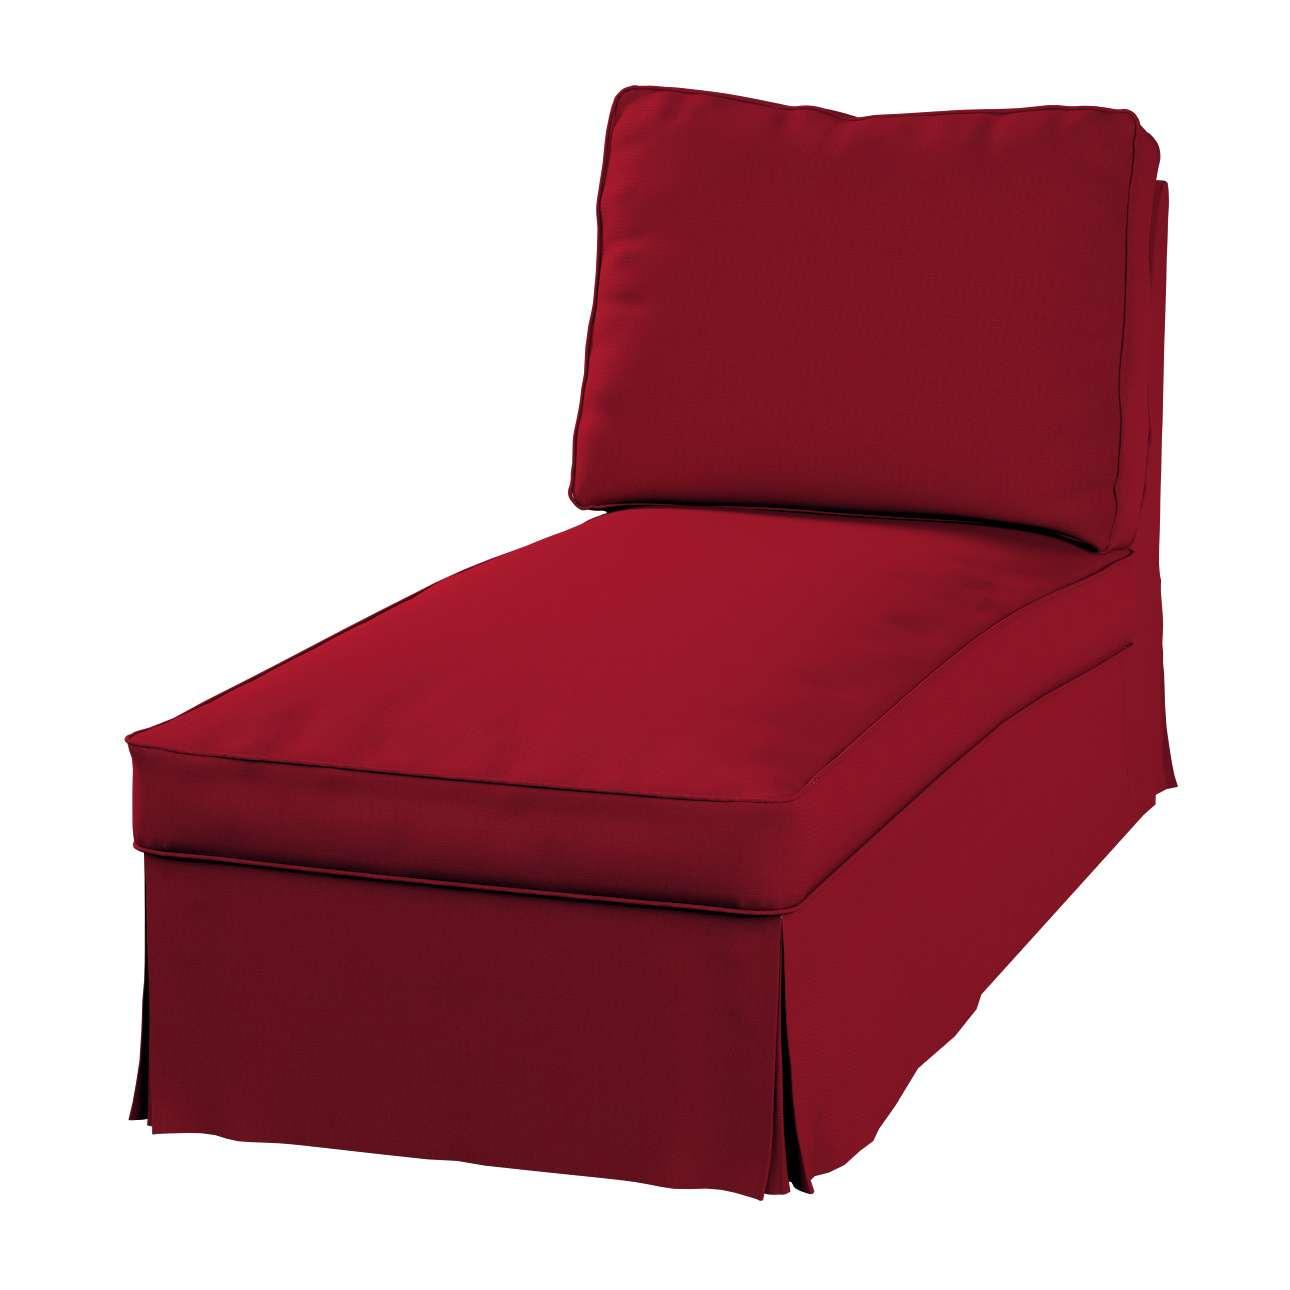 Ektorp gulimojo krėslo užvalkalas (be porankių, tiesus atlošas) Ektorp gulimasis krėslas be porankių, tiesiu atlošu, be suapavalinimų kolekcijoje Etna , audinys: 705-60